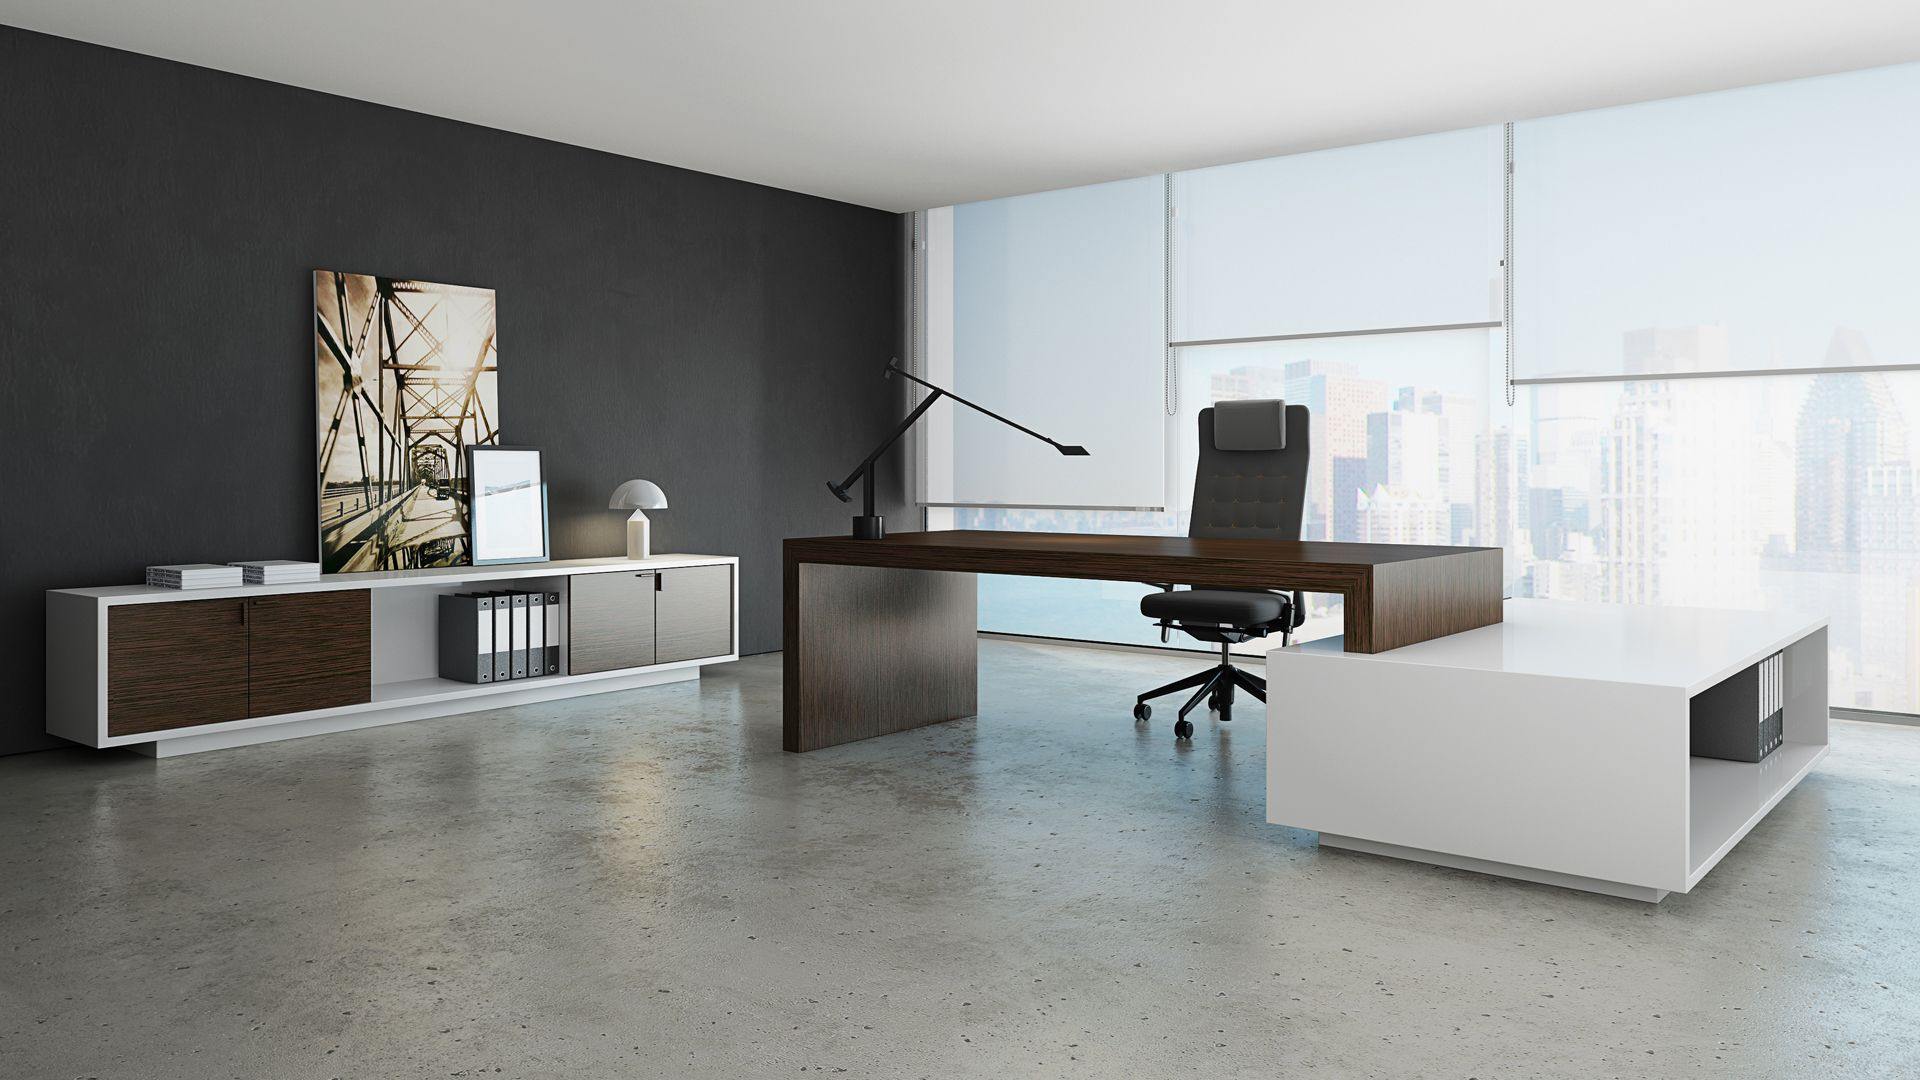 Mobiliario De Direcci N Con Un Dise O Innovador Que Combina El  # Muebles Doble Funcionalidad